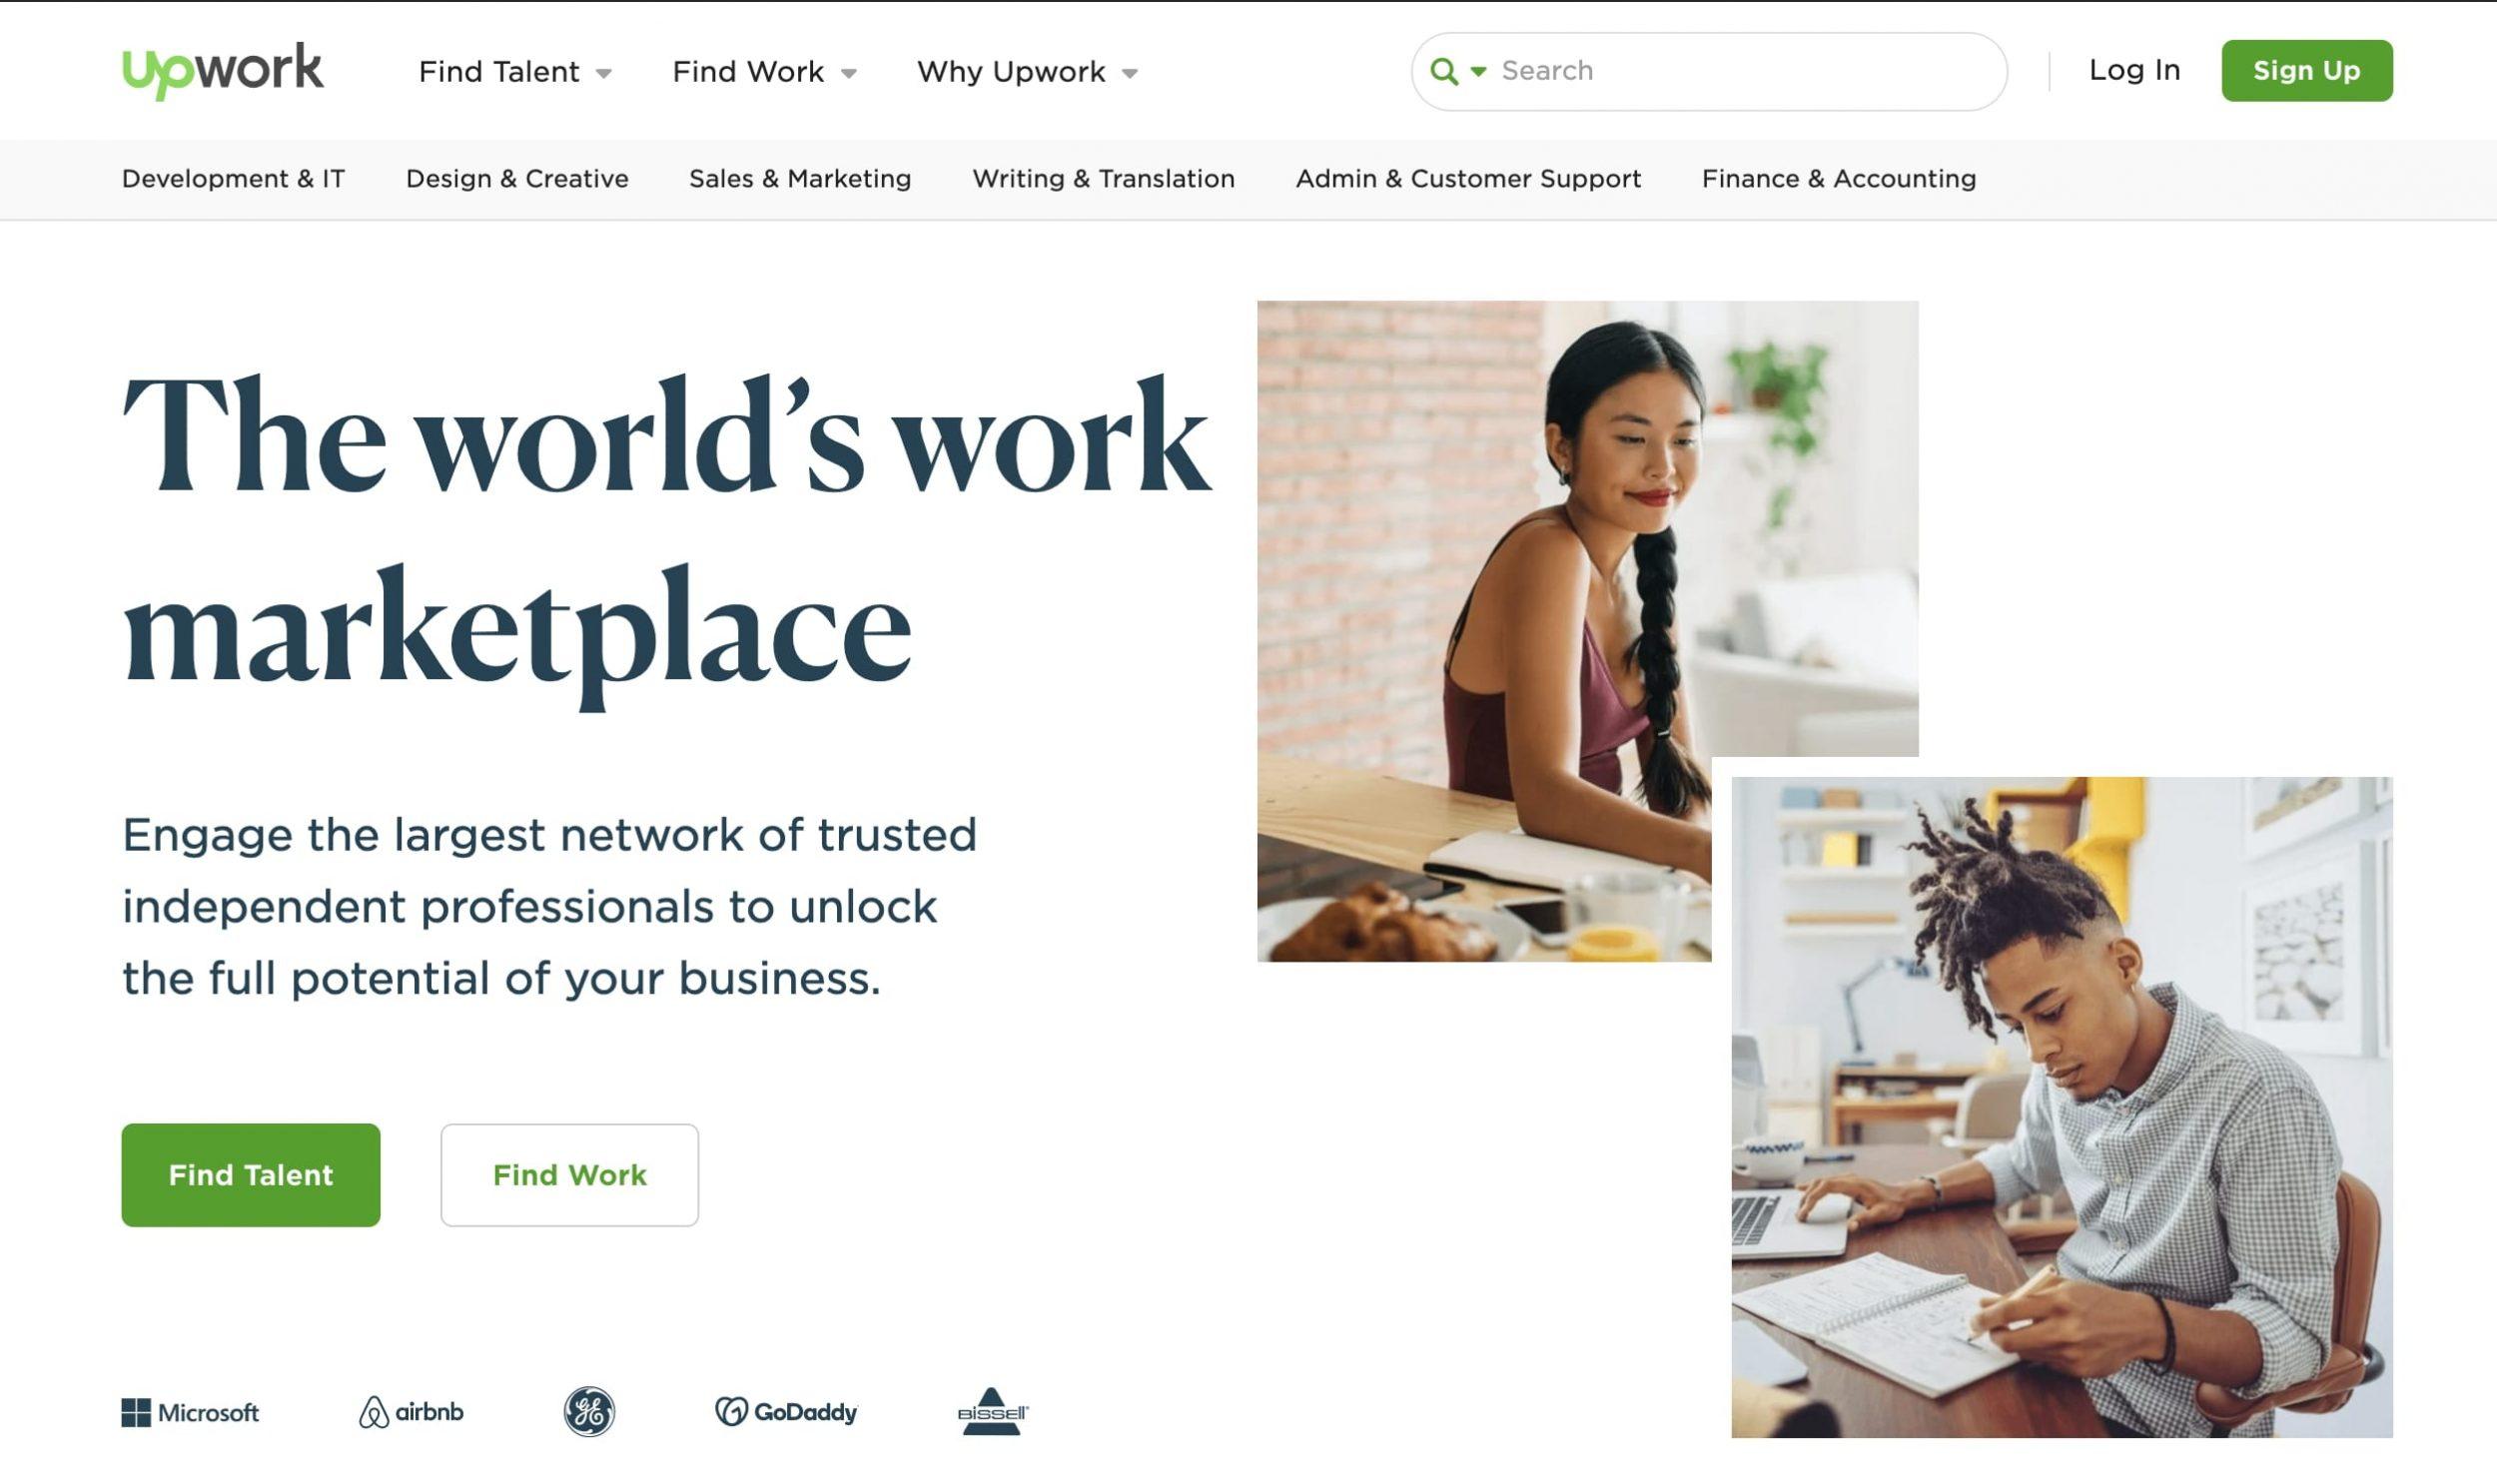 Upwork.com home page screenshot